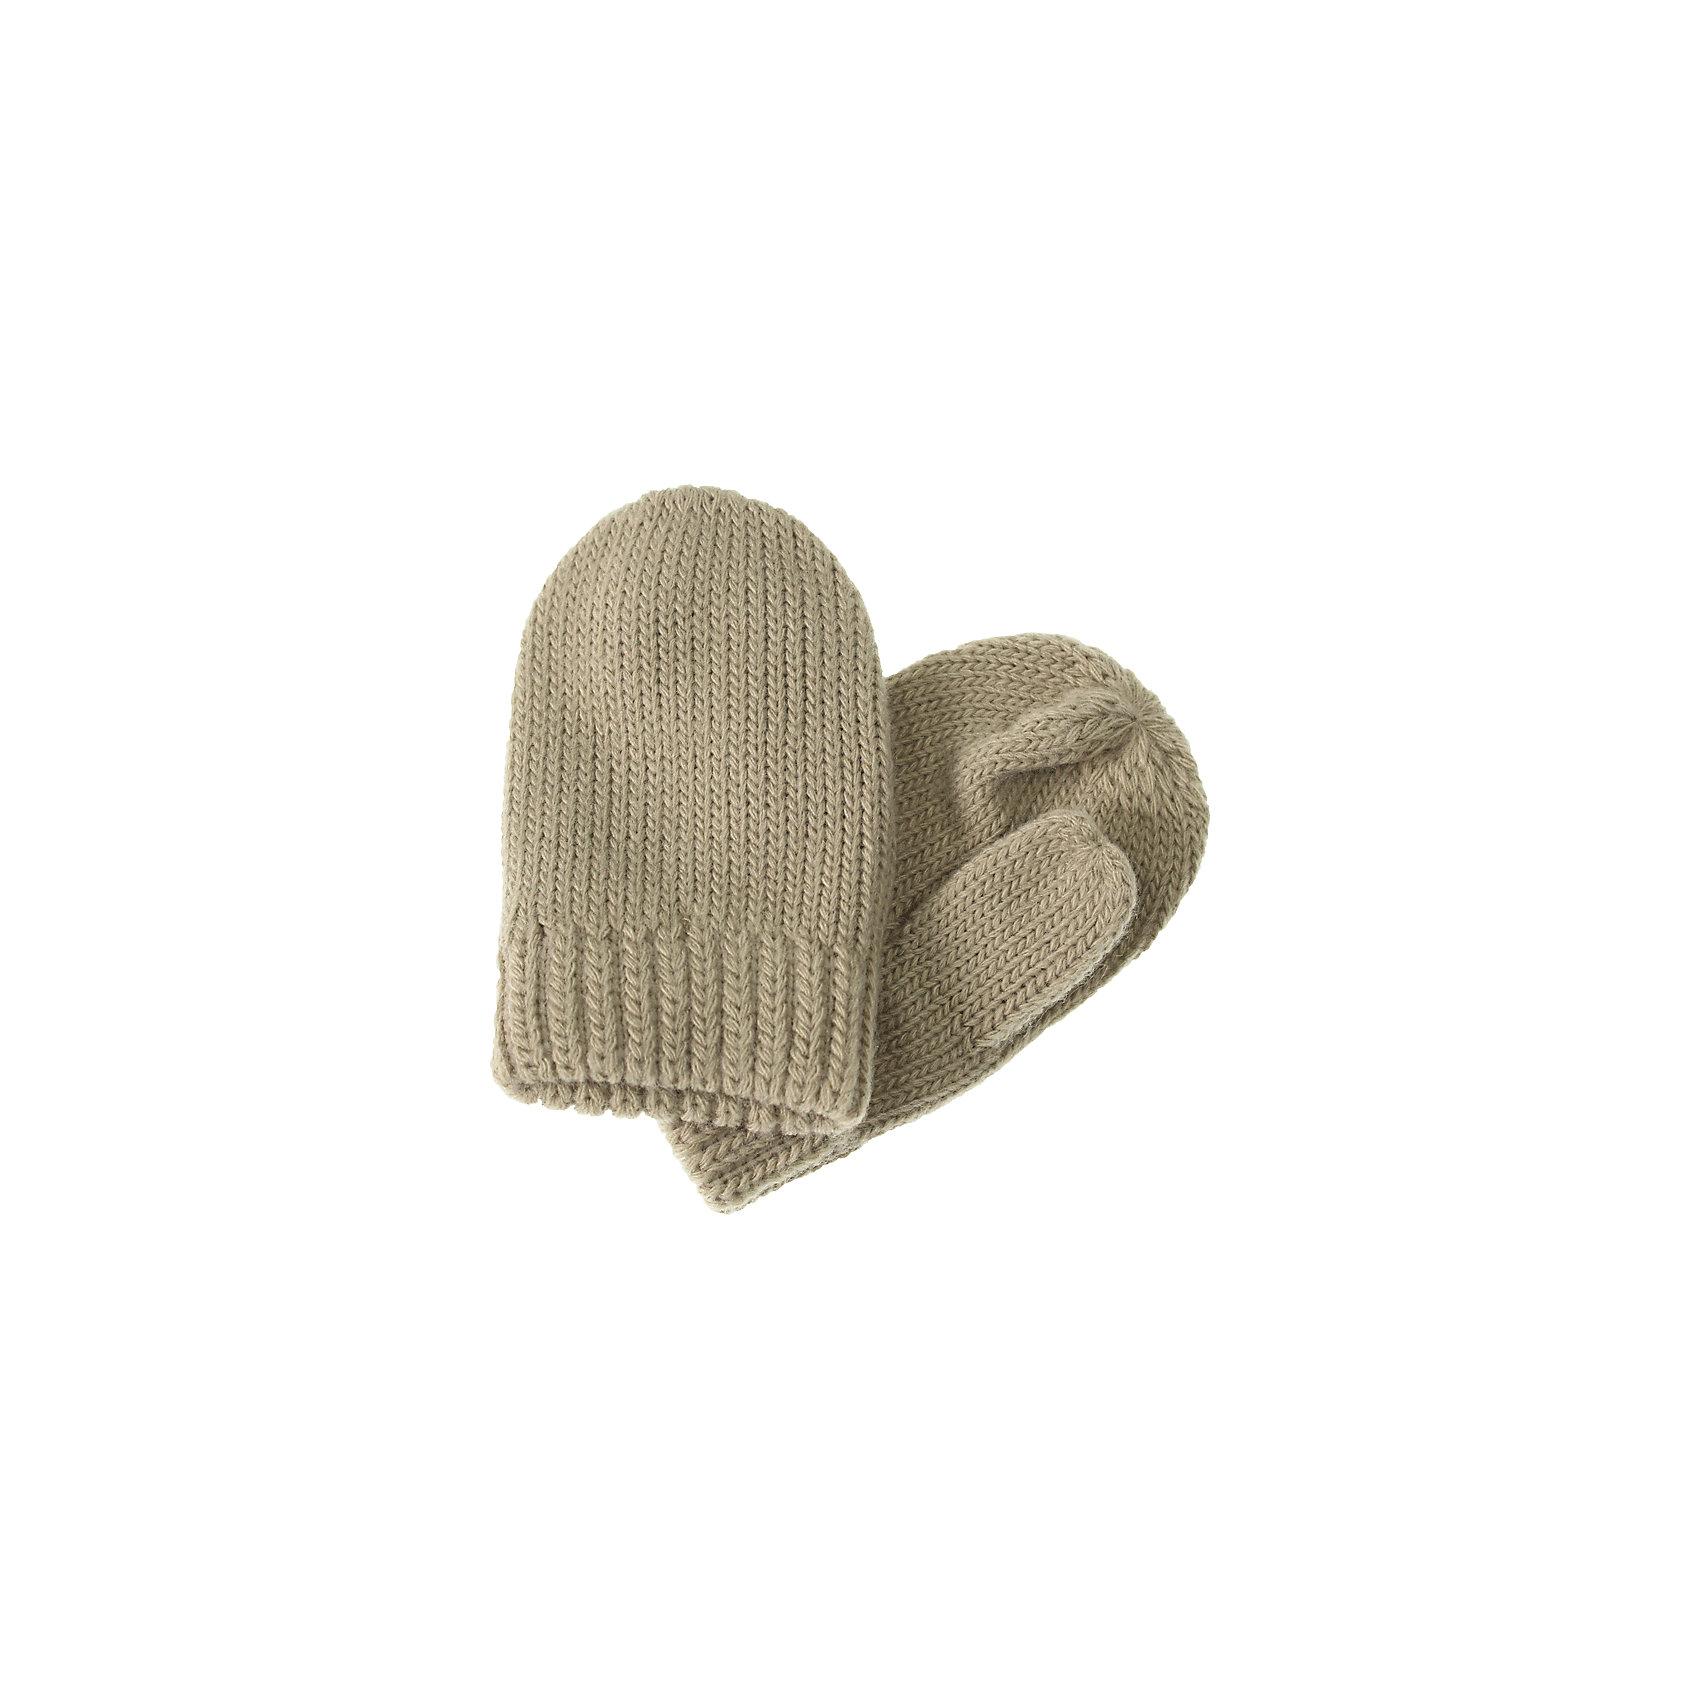 Рукавицы HuppaПерчатки, варежки<br>Вязаные варежки для младенцев. Милые варежки из акриловой пряжи, которые удобно надевать с комбинезонами и комплектами. Для удобства ношения запястье вывязано в виде резинки, чтобы варежки хорошо держались на руках и родители могли беззаботно наслаждаться прогулкой с ребенком. <br><br>Дополнительная информация:<br><br>Температурный режим - от 0С до +10С<br>Материал: 100% акрил<br><br>Рукавицы Huppa можно купить в нашем магазине.<br><br>Ширина мм: 162<br>Глубина мм: 171<br>Высота мм: 55<br>Вес г: 119<br>Цвет: серый<br>Возраст от месяцев: 24<br>Возраст до месяцев: 48<br>Пол: Унисекс<br>Возраст: Детский<br>Размер: one size<br>SKU: 4595725